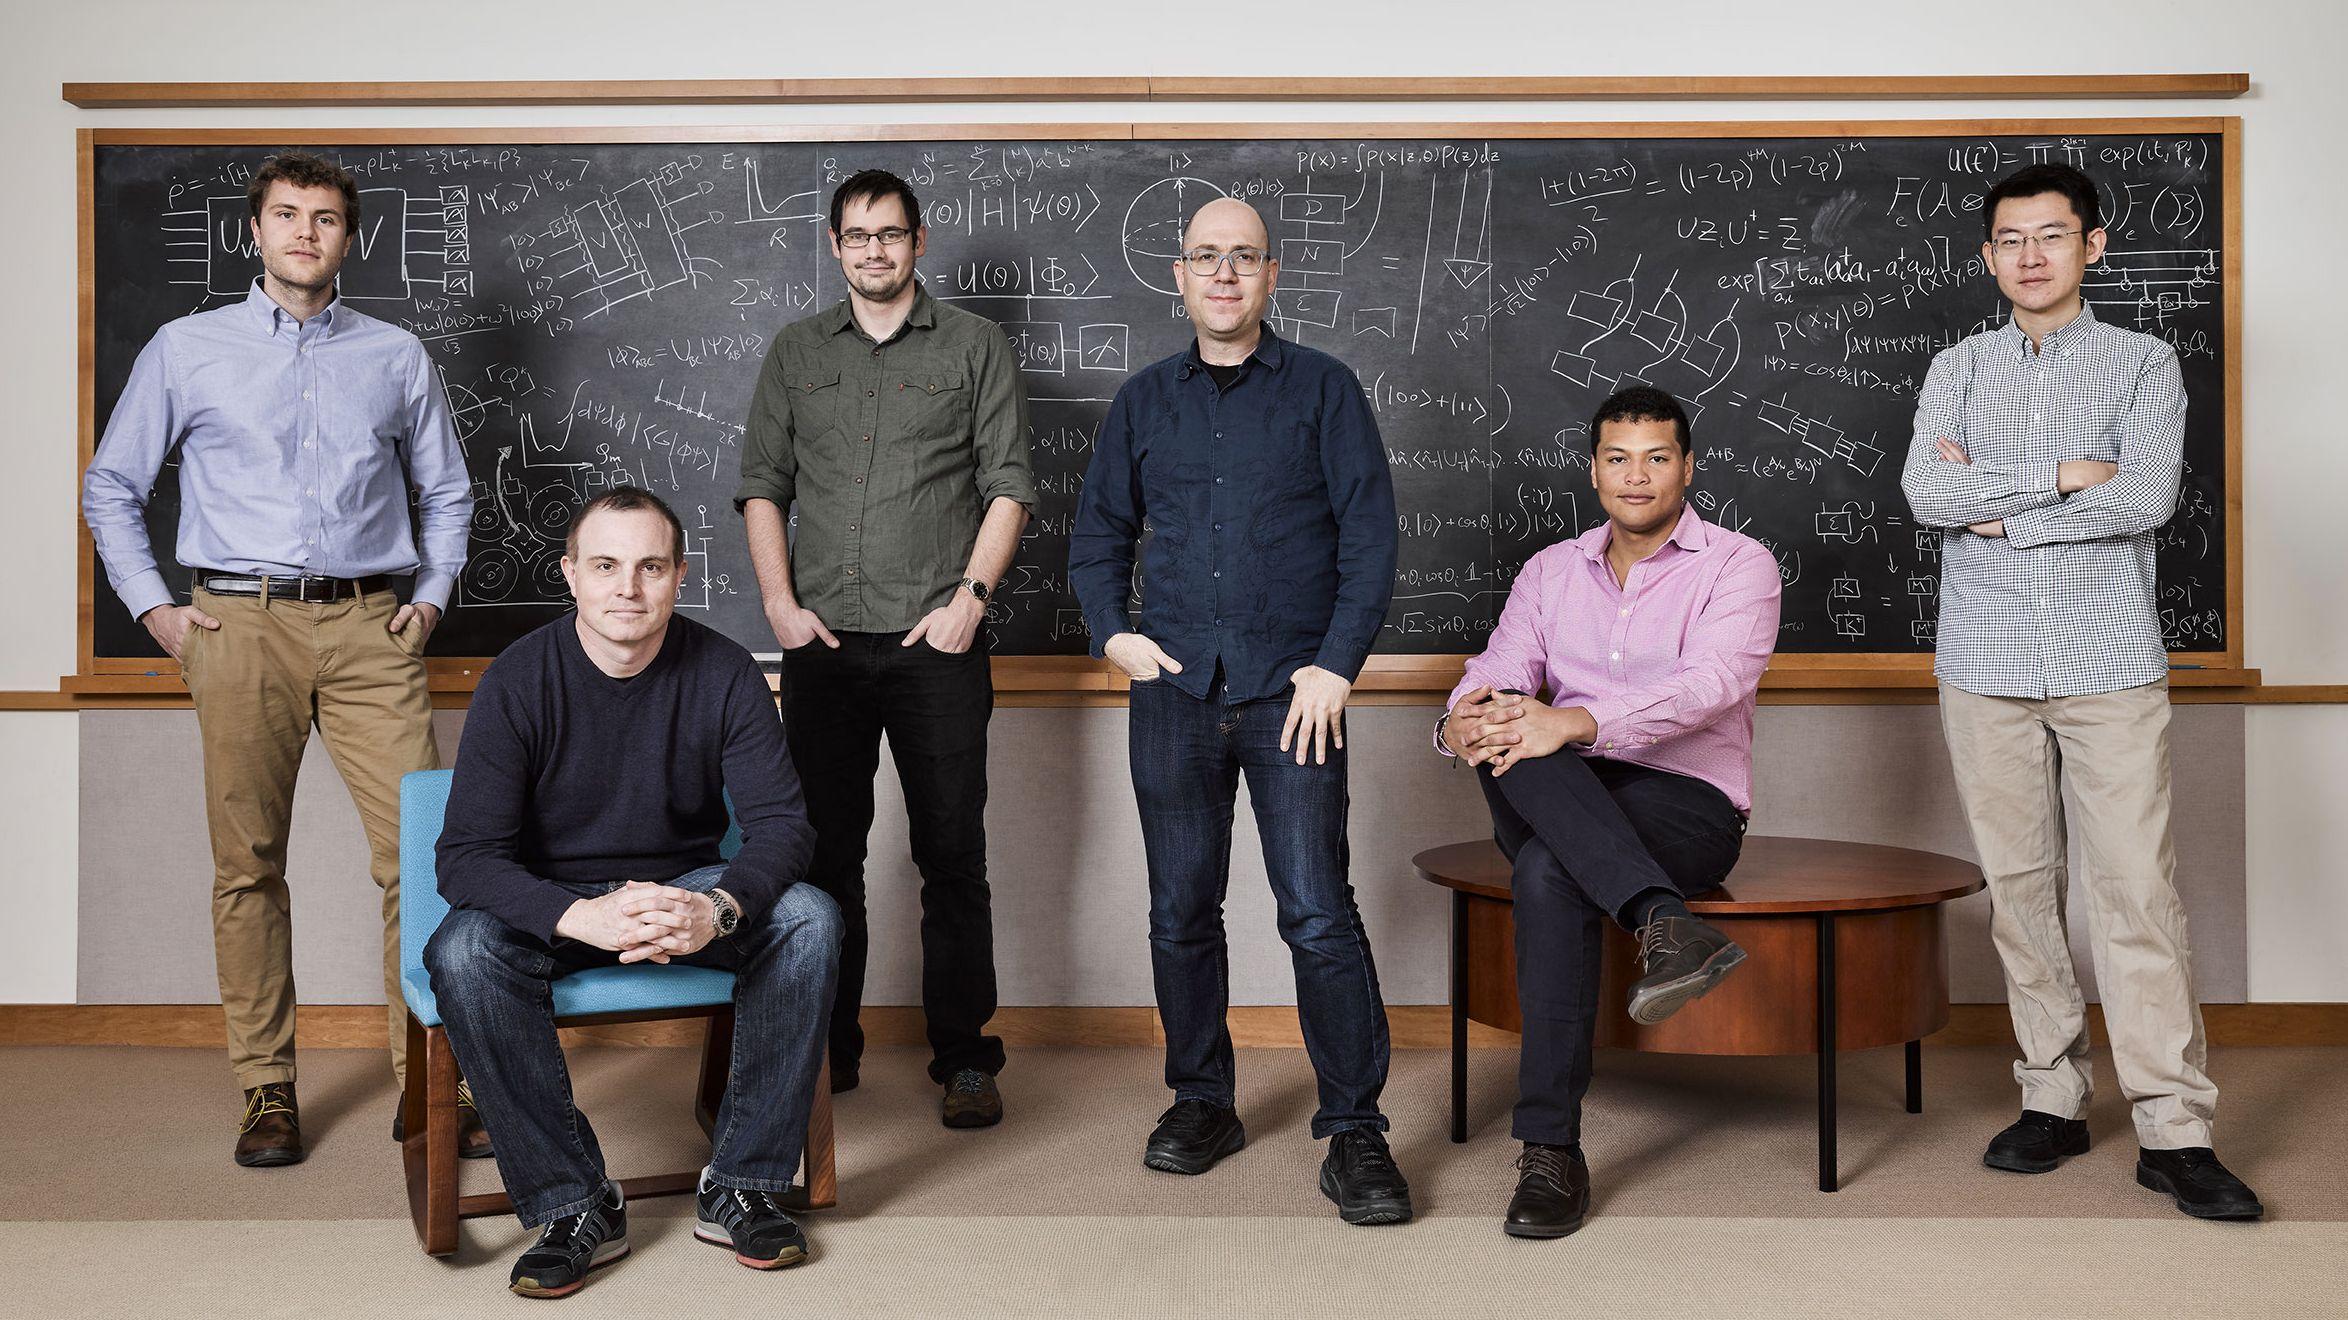 量子コンピューターに特化、 ハーバード大教授が創業した アルゴリズム企業の勝算